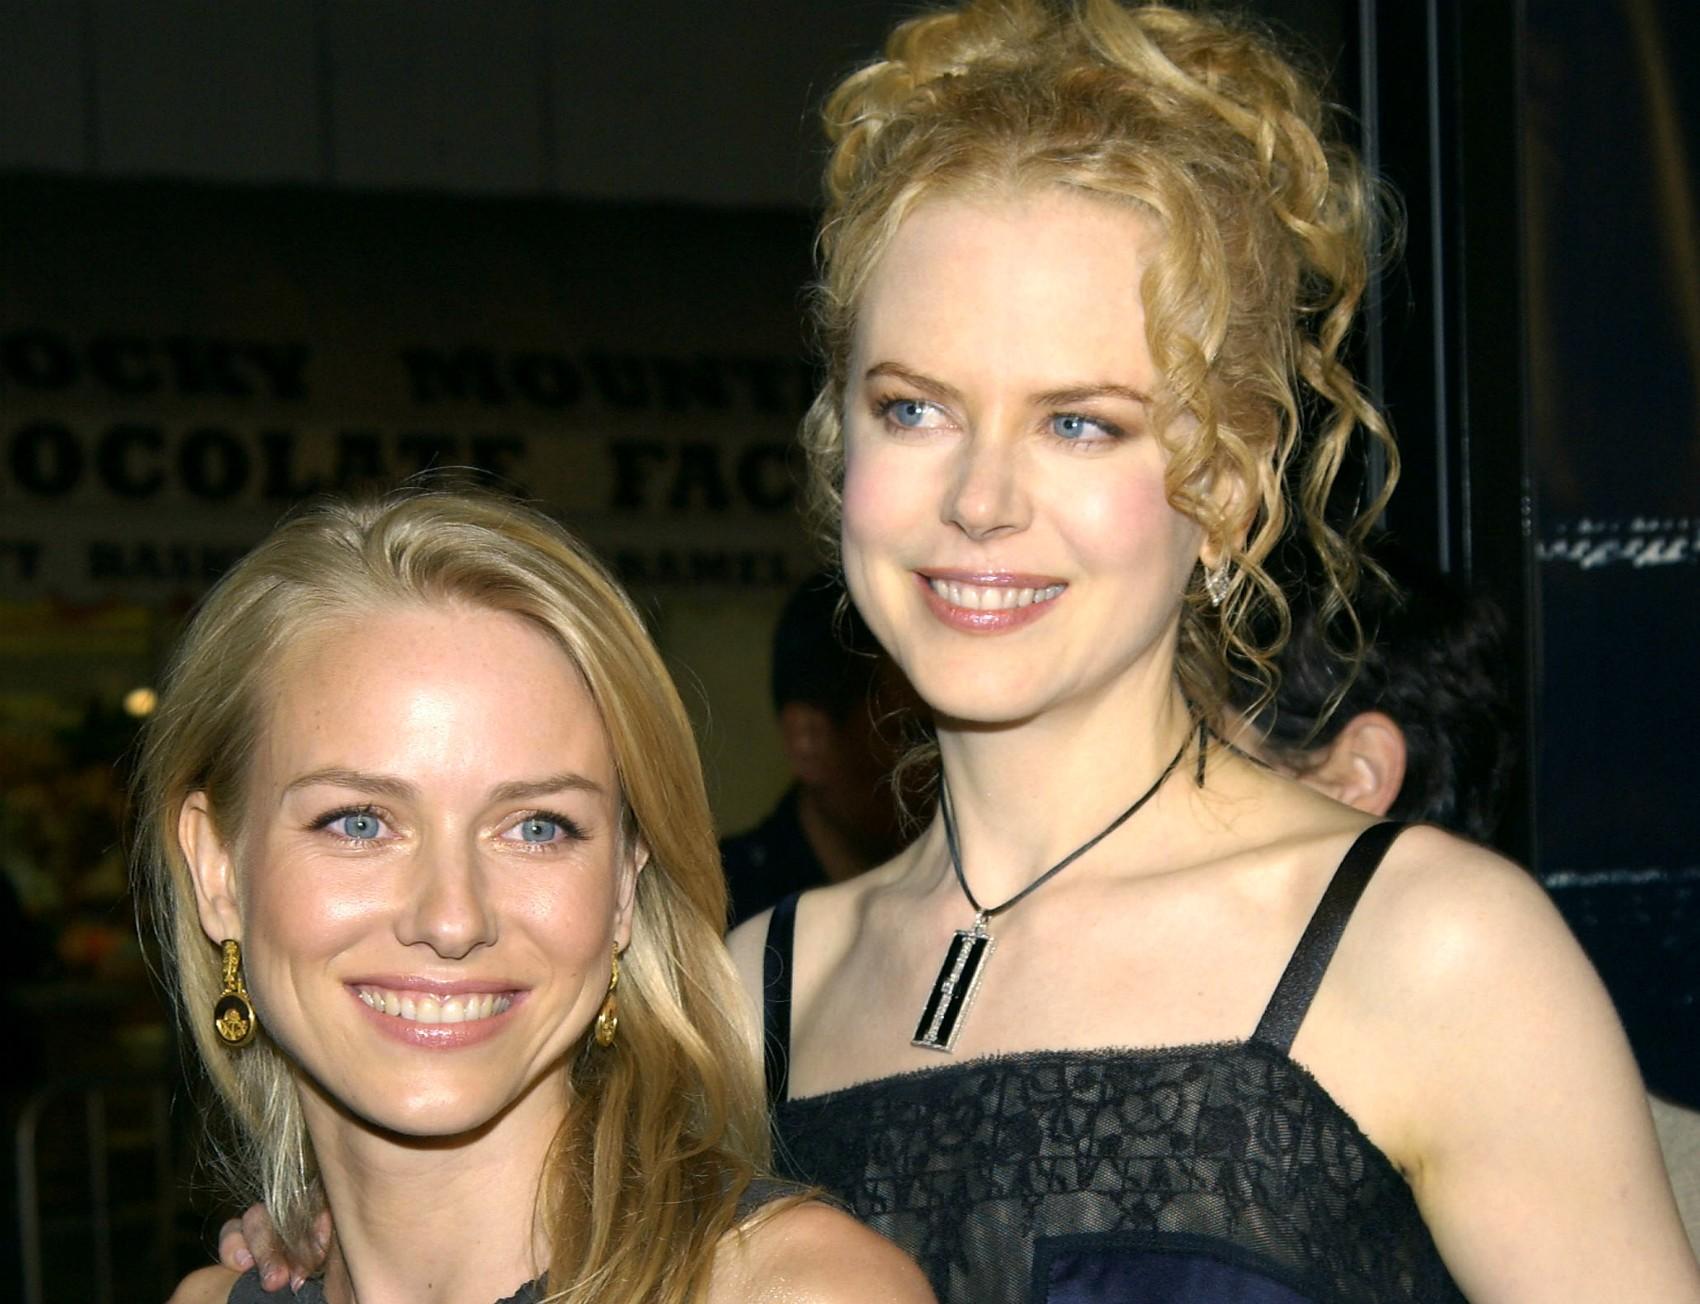 As atrizes Naomi Watts (à esq.; nascida na Inglaterra) e Nicole Kidman (nascida nos EUA) fizeram o ensino médio juntas na Austrália, e são grandes amigas desde aquela época. Isso significa que se conhecem há cerca de três décadas. (Foto: Getty Images)